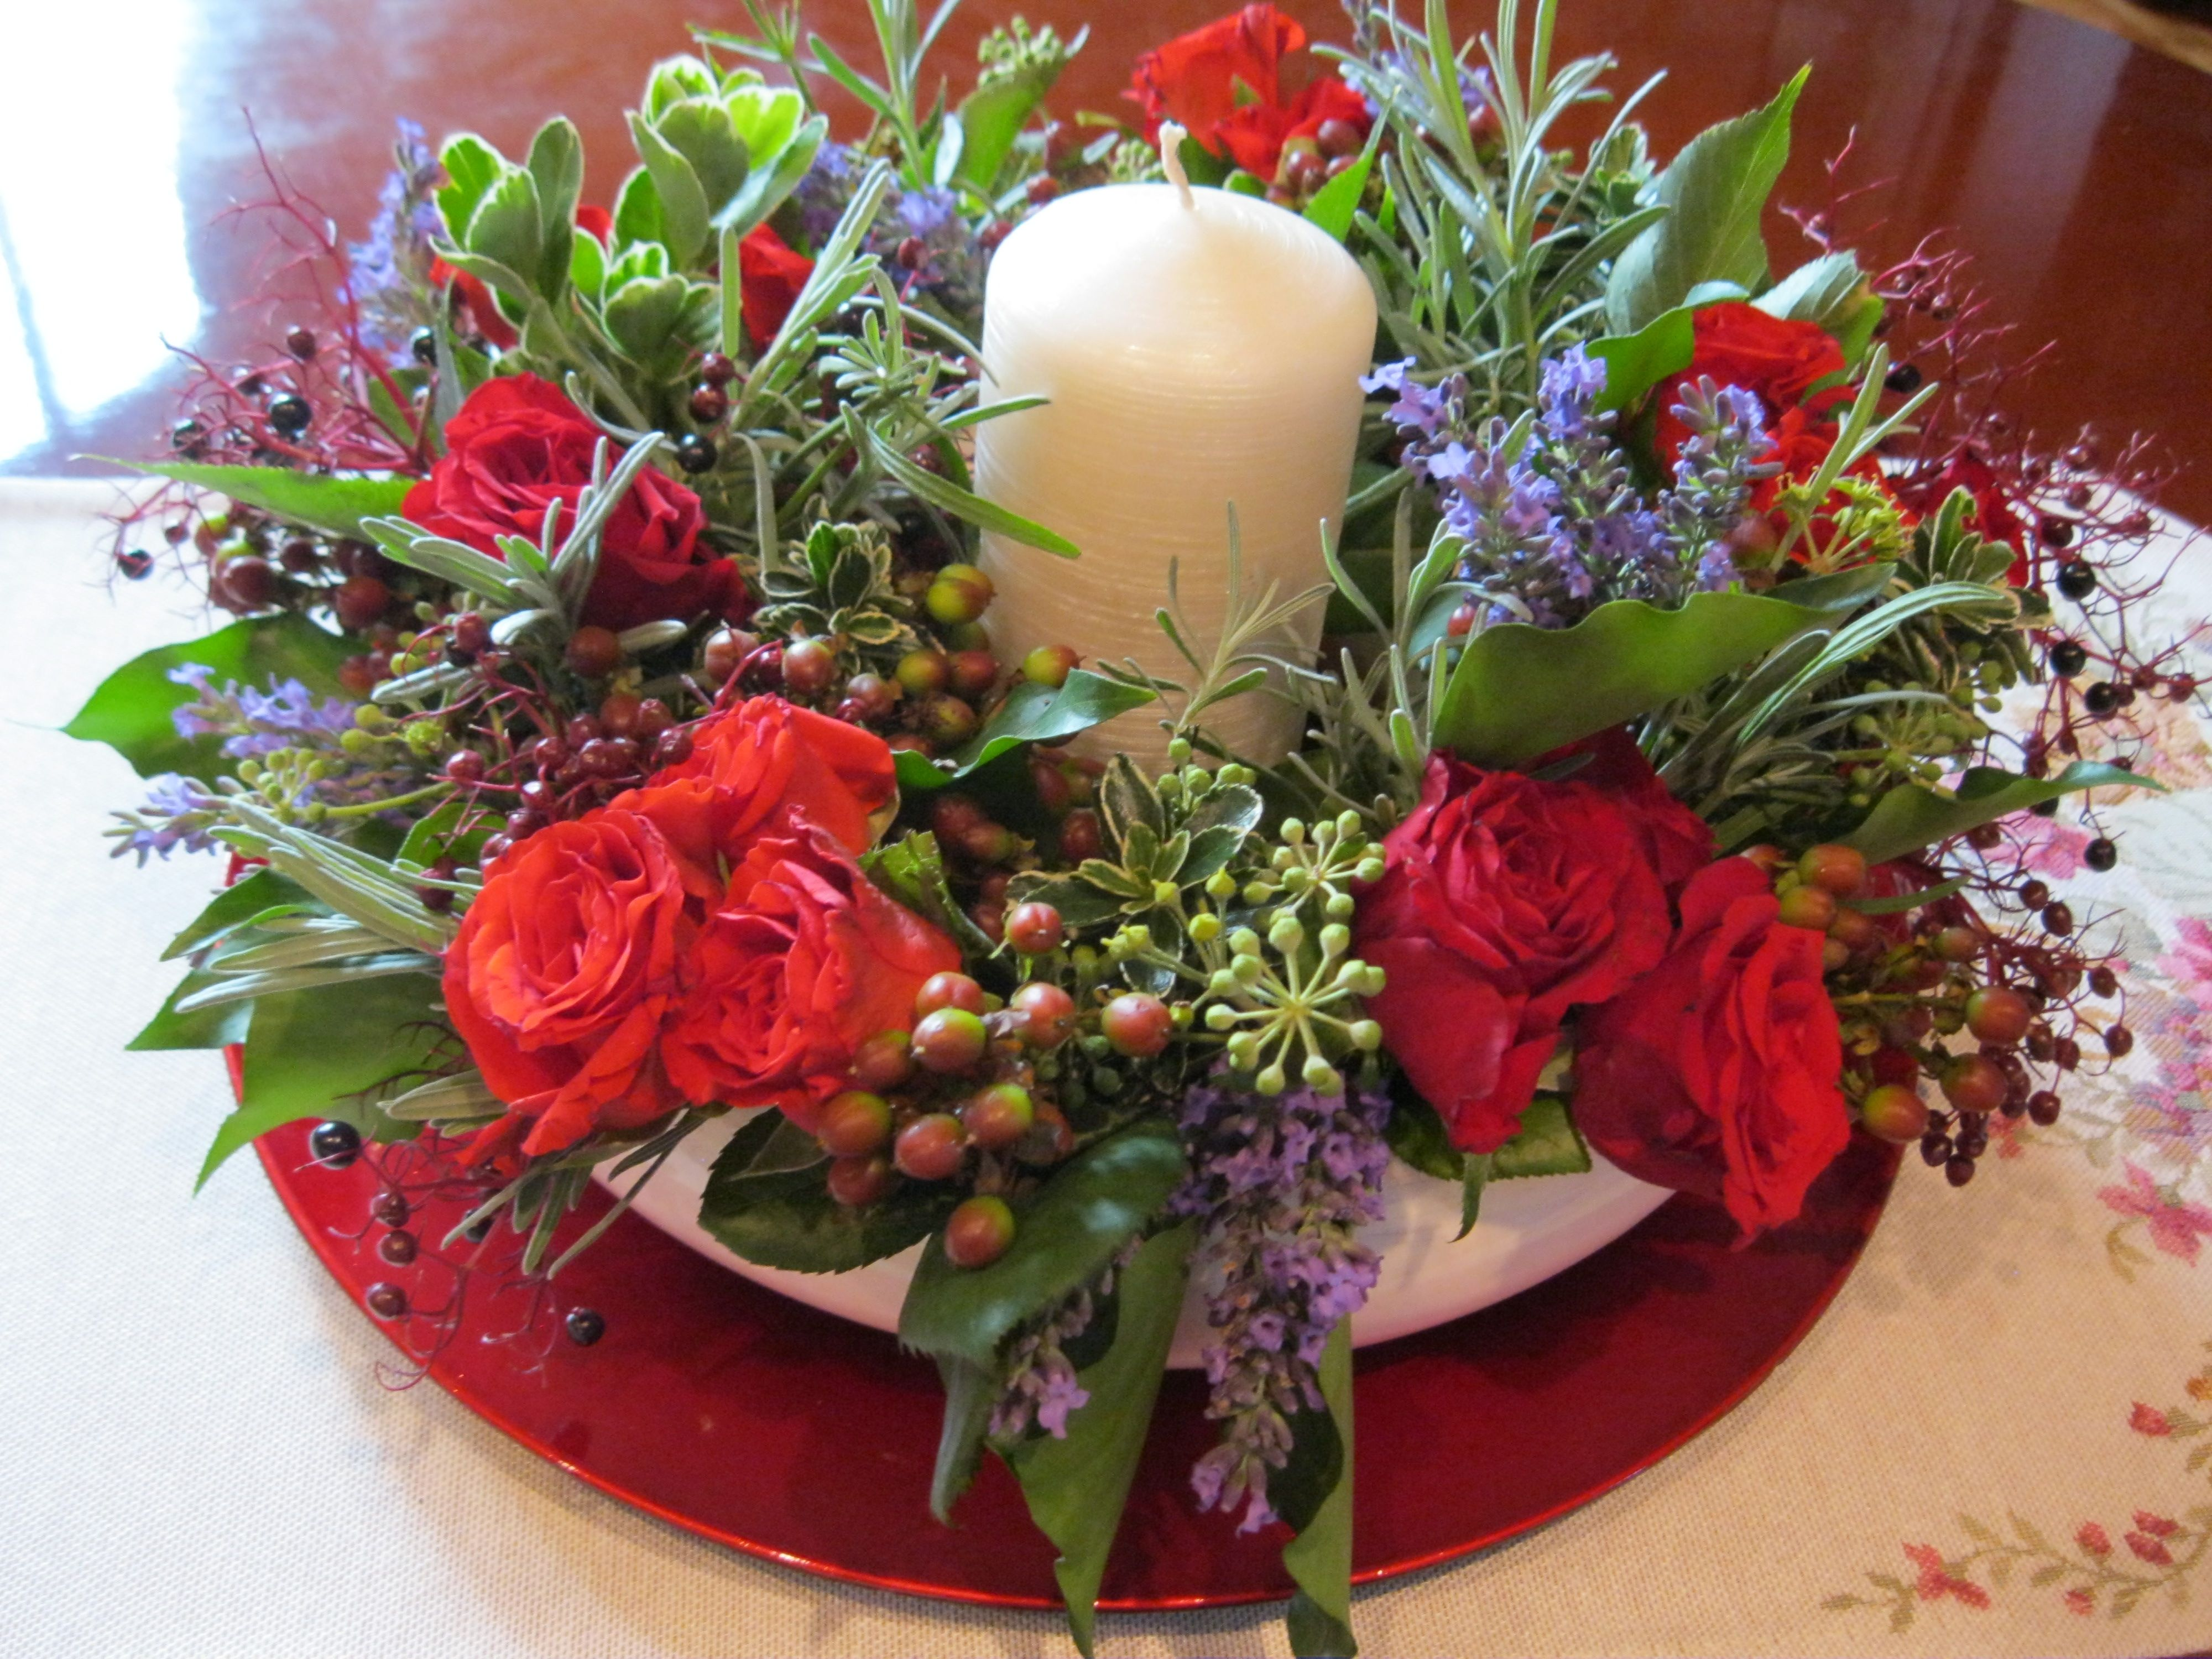 Letni wieniec - róże, lawenda, zieleń z ogrodu